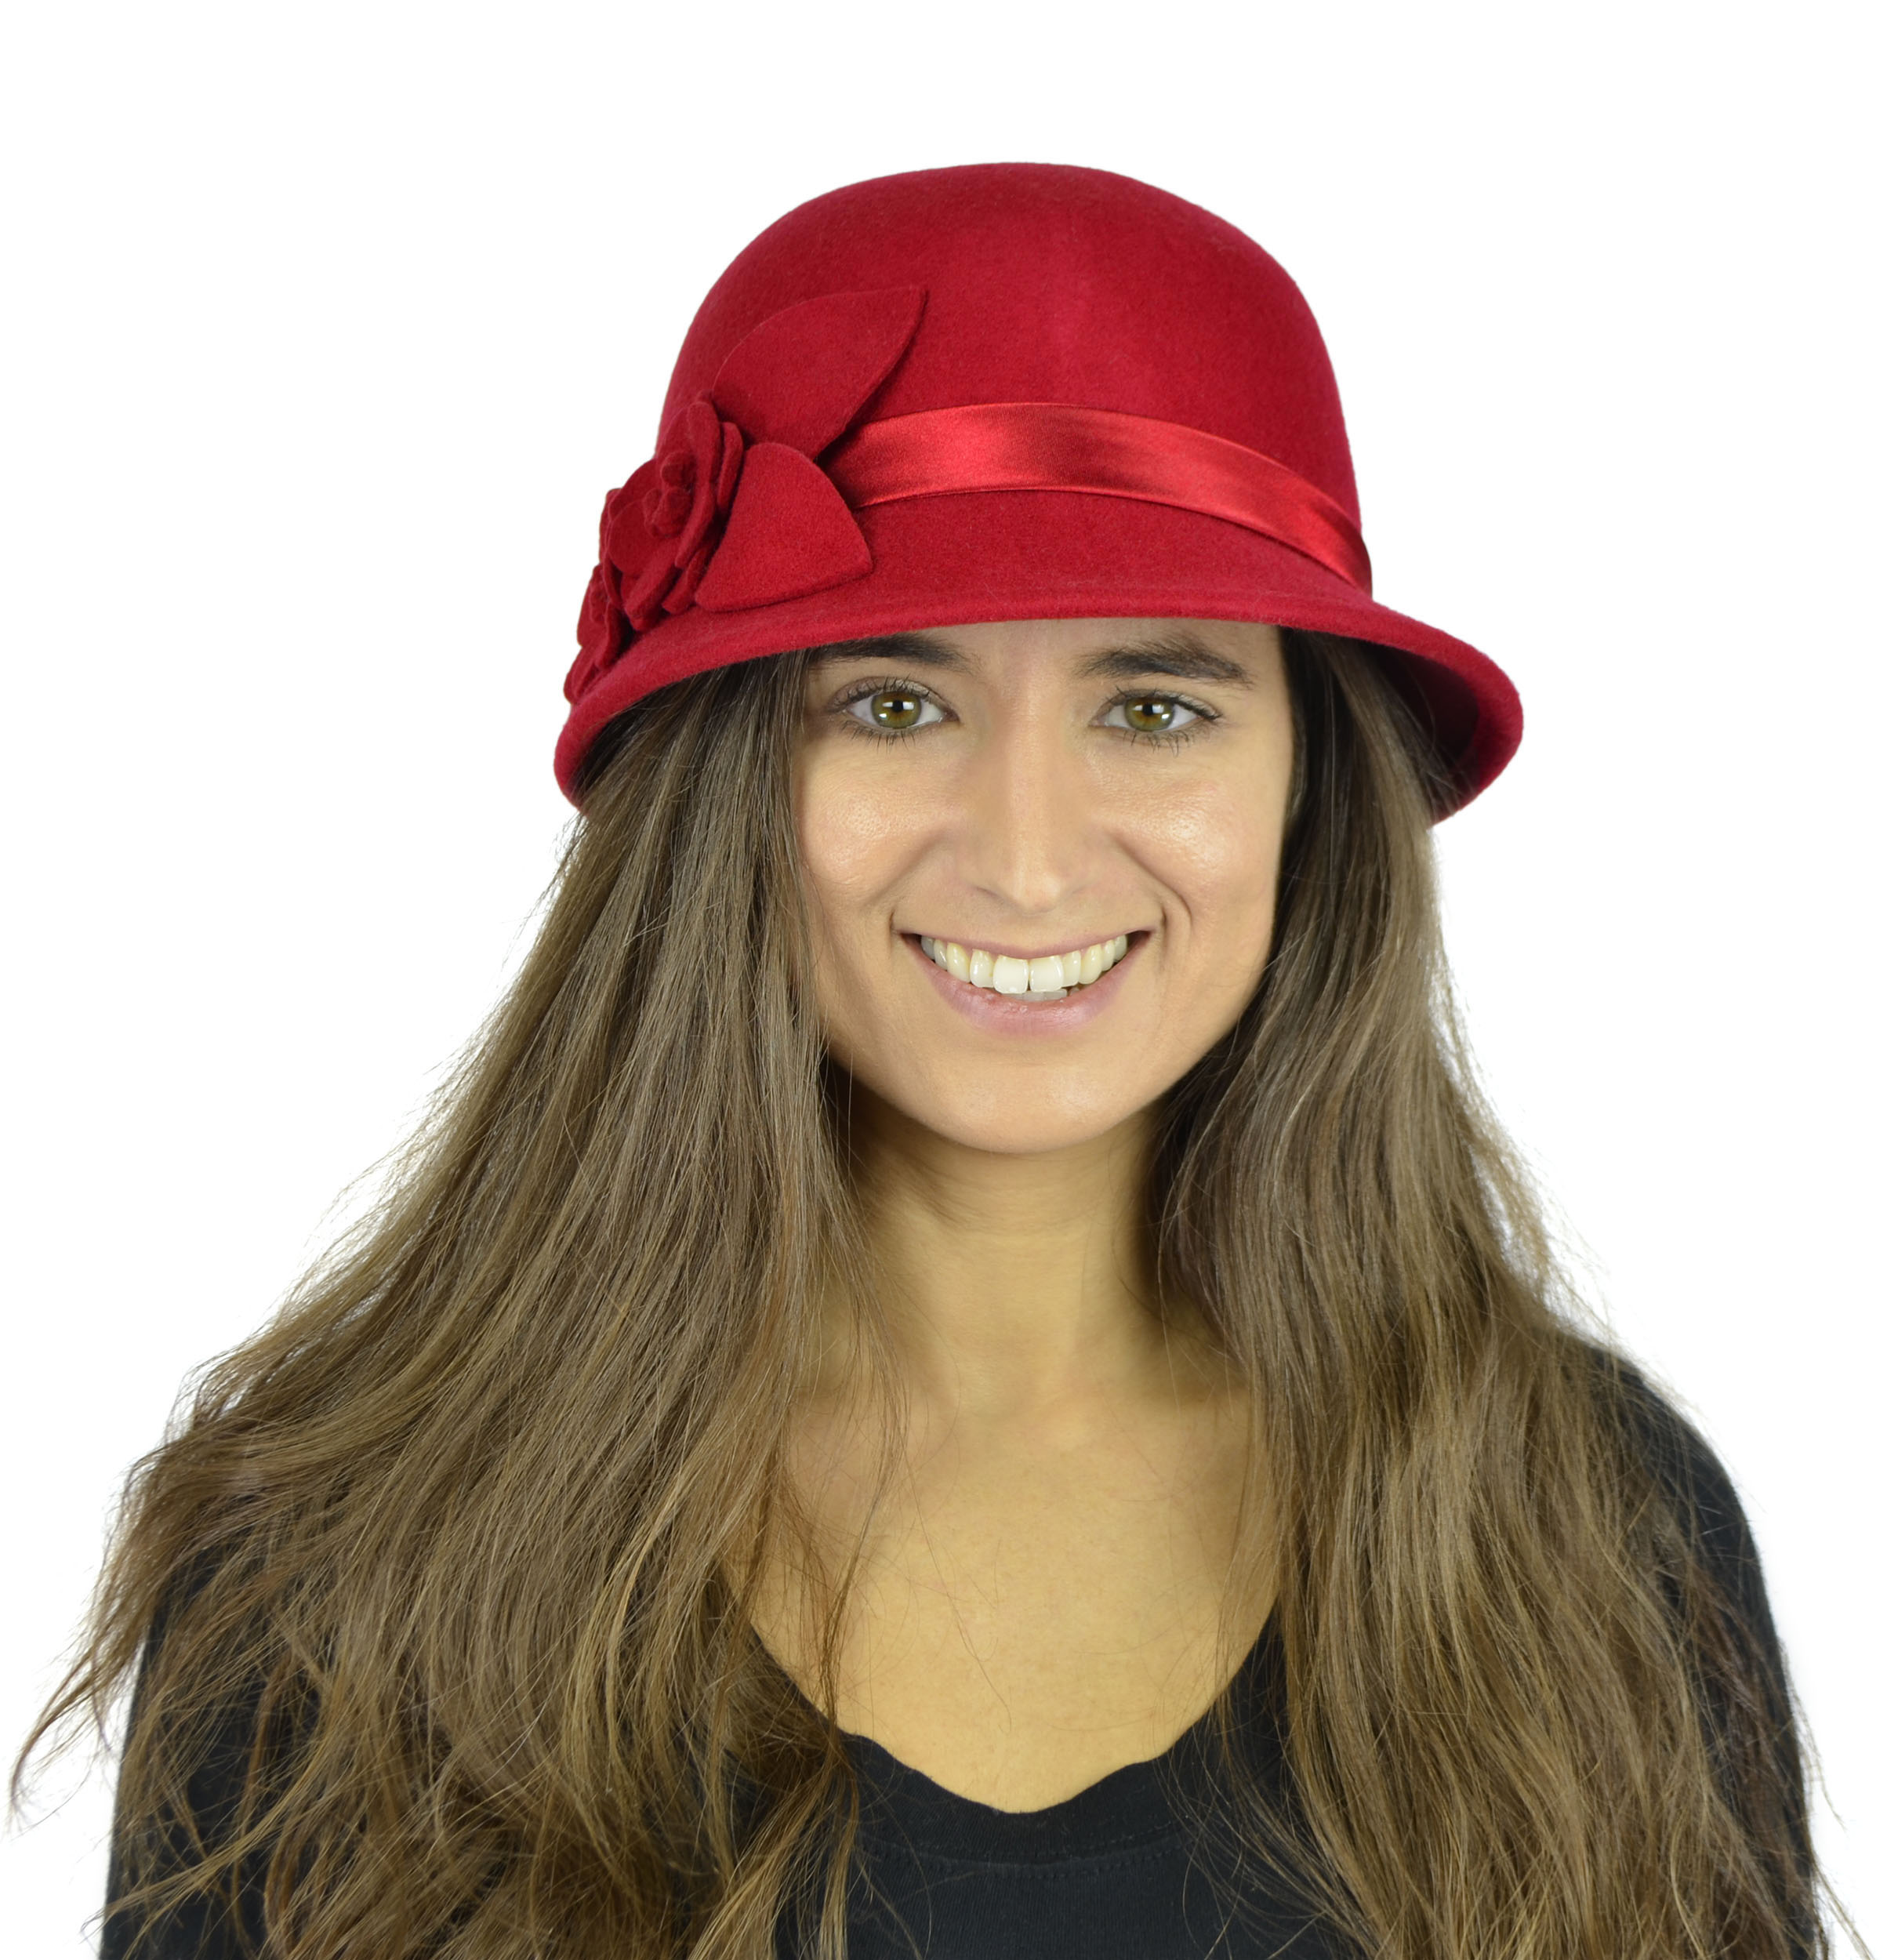 Belle Donne - Women's Pure Wool Cloche Hats - Red